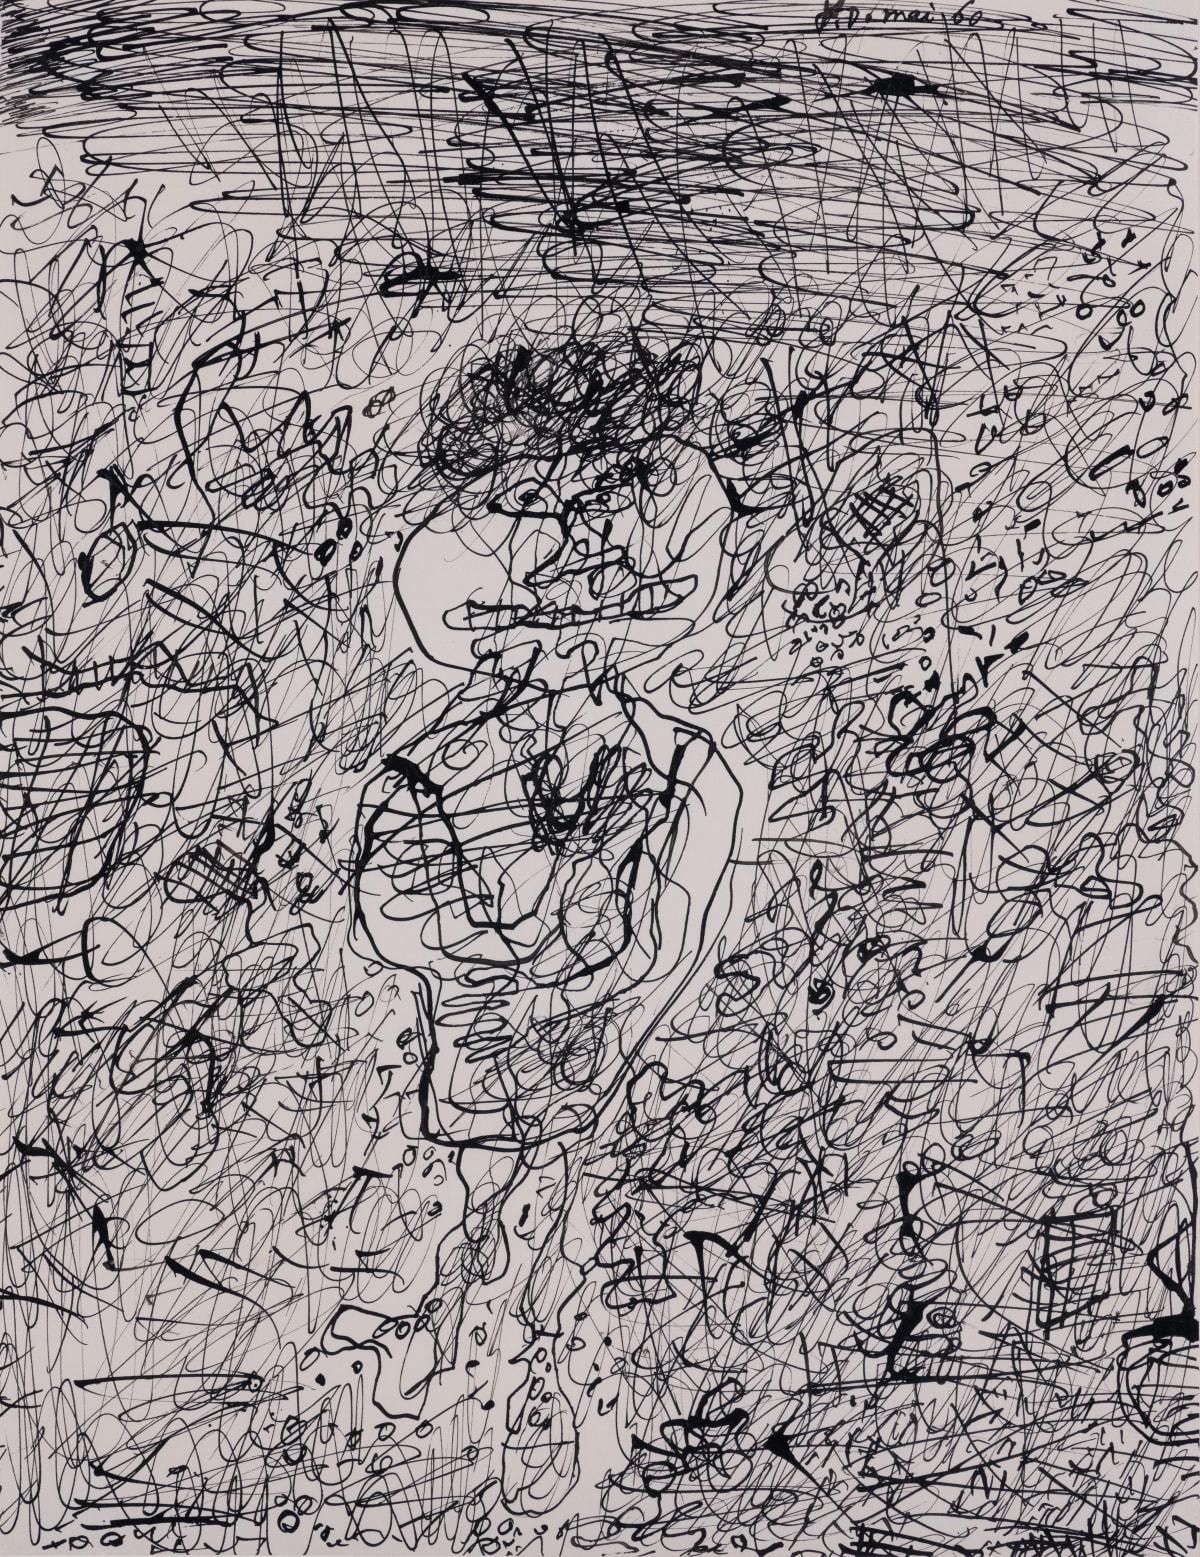 Jean Dubuffet Personnage dans un paysage, mai - juin 1960